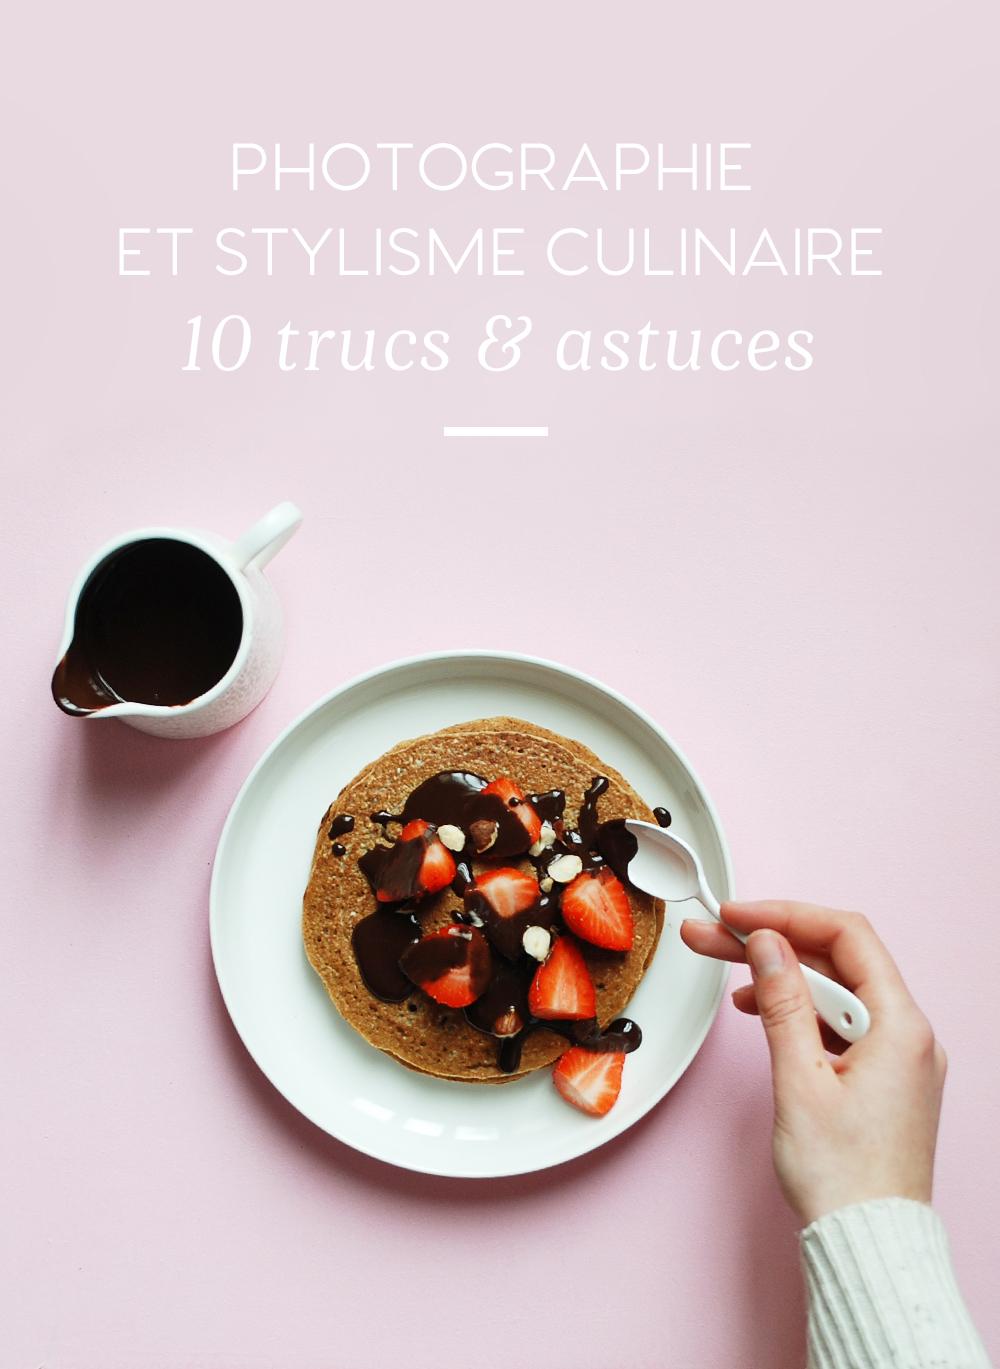 Photographie et stylisme culinaire : 10 trucs & astuces